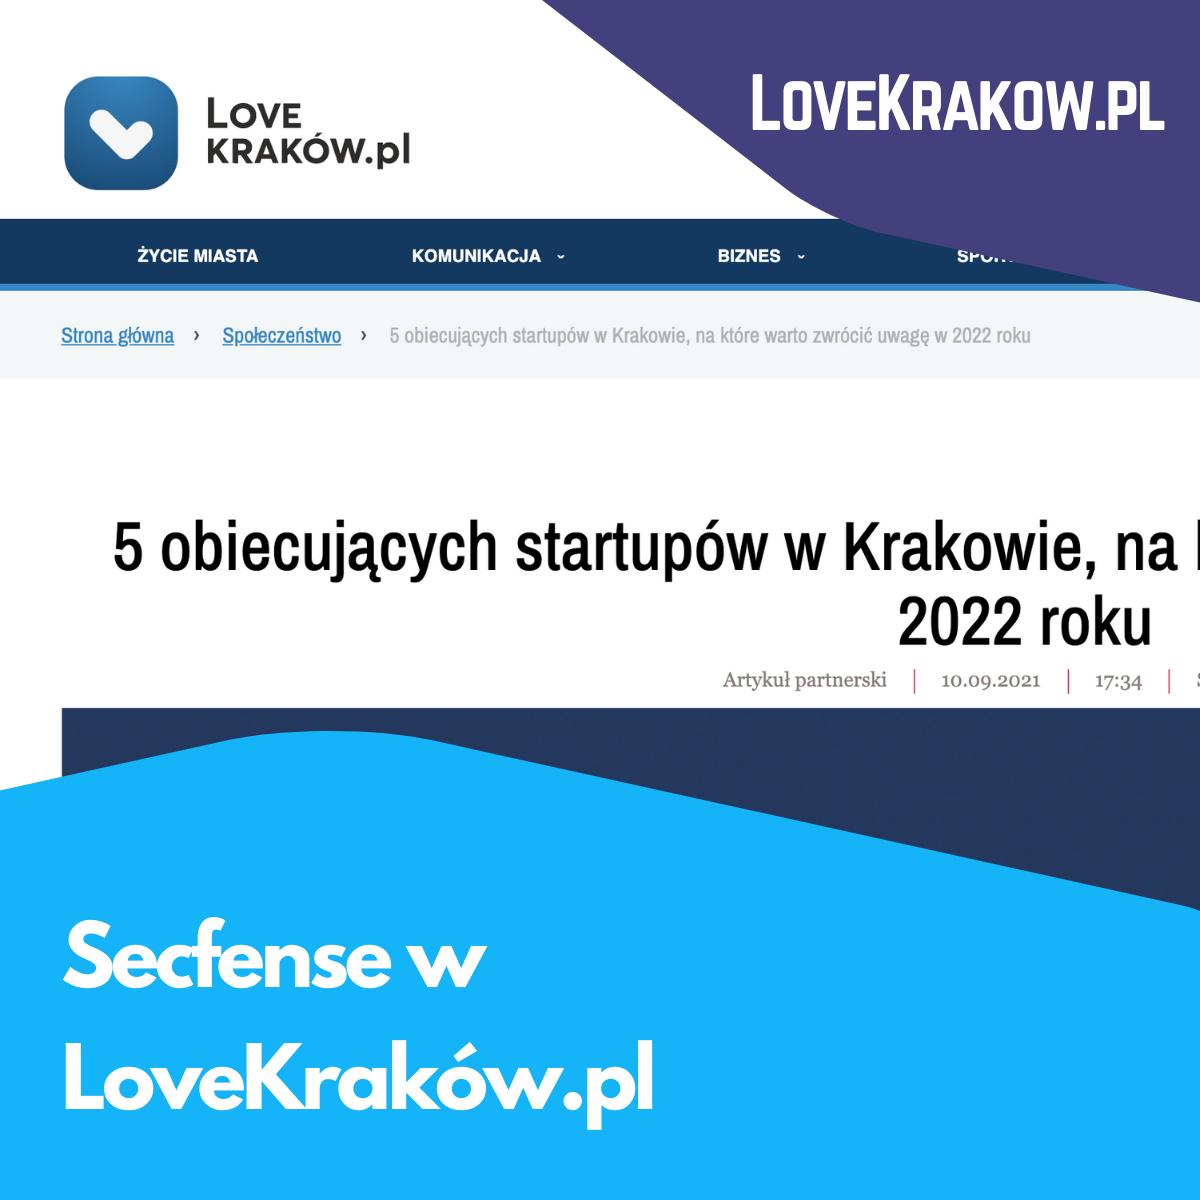 Secfense w LoveKraków.pl